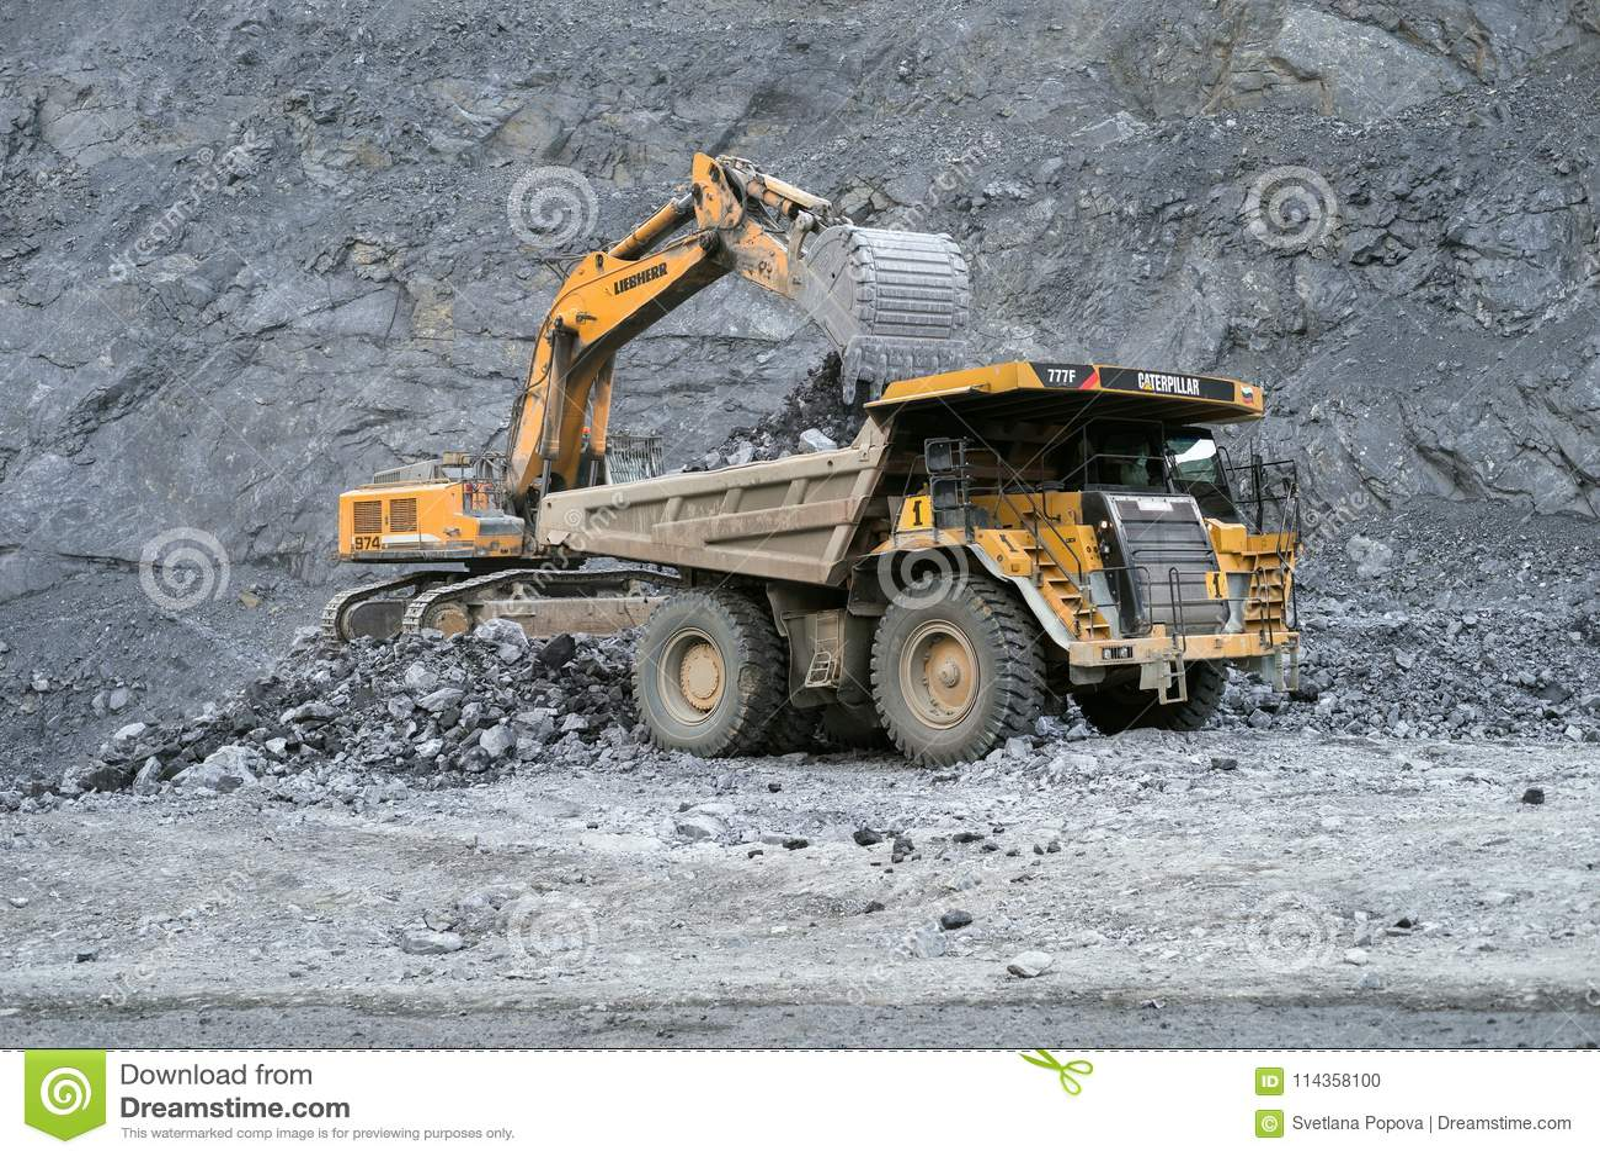 L excavatrice Liebherr charge le minerai dans un camion à benne basculante Caterpillar à l arrière-plan d une carrière